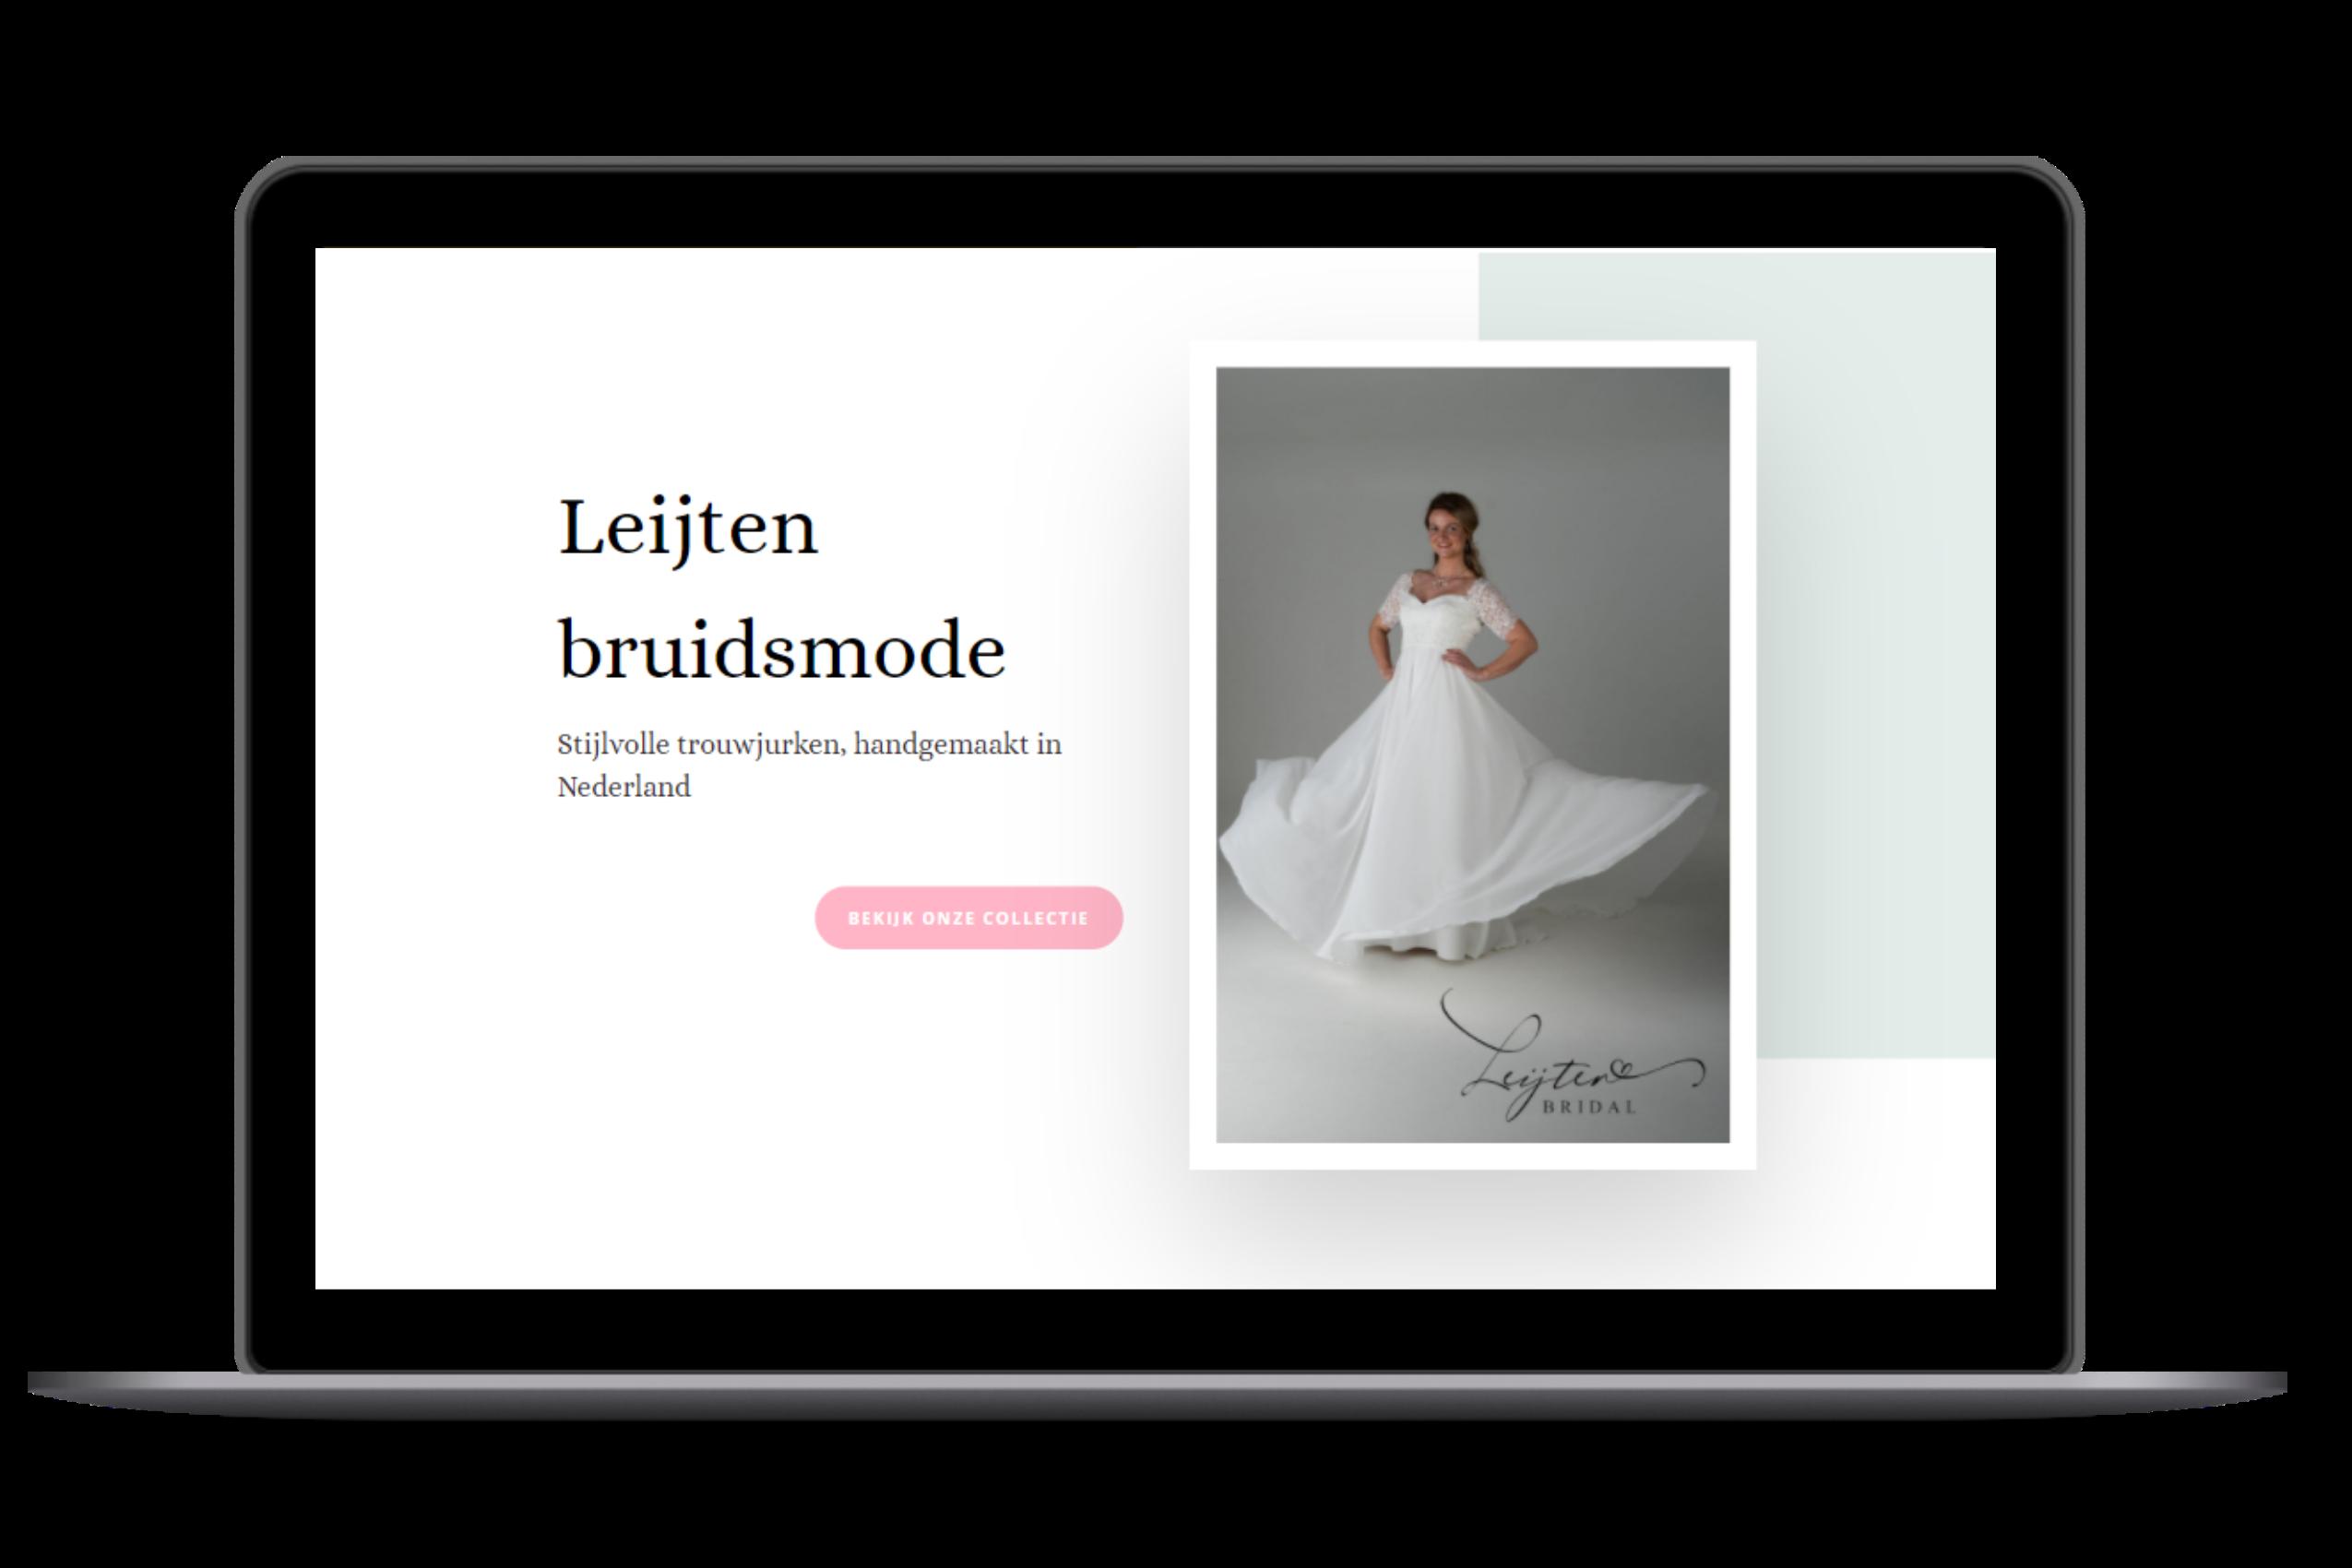 wordpress website desktop leijten bruidsmode